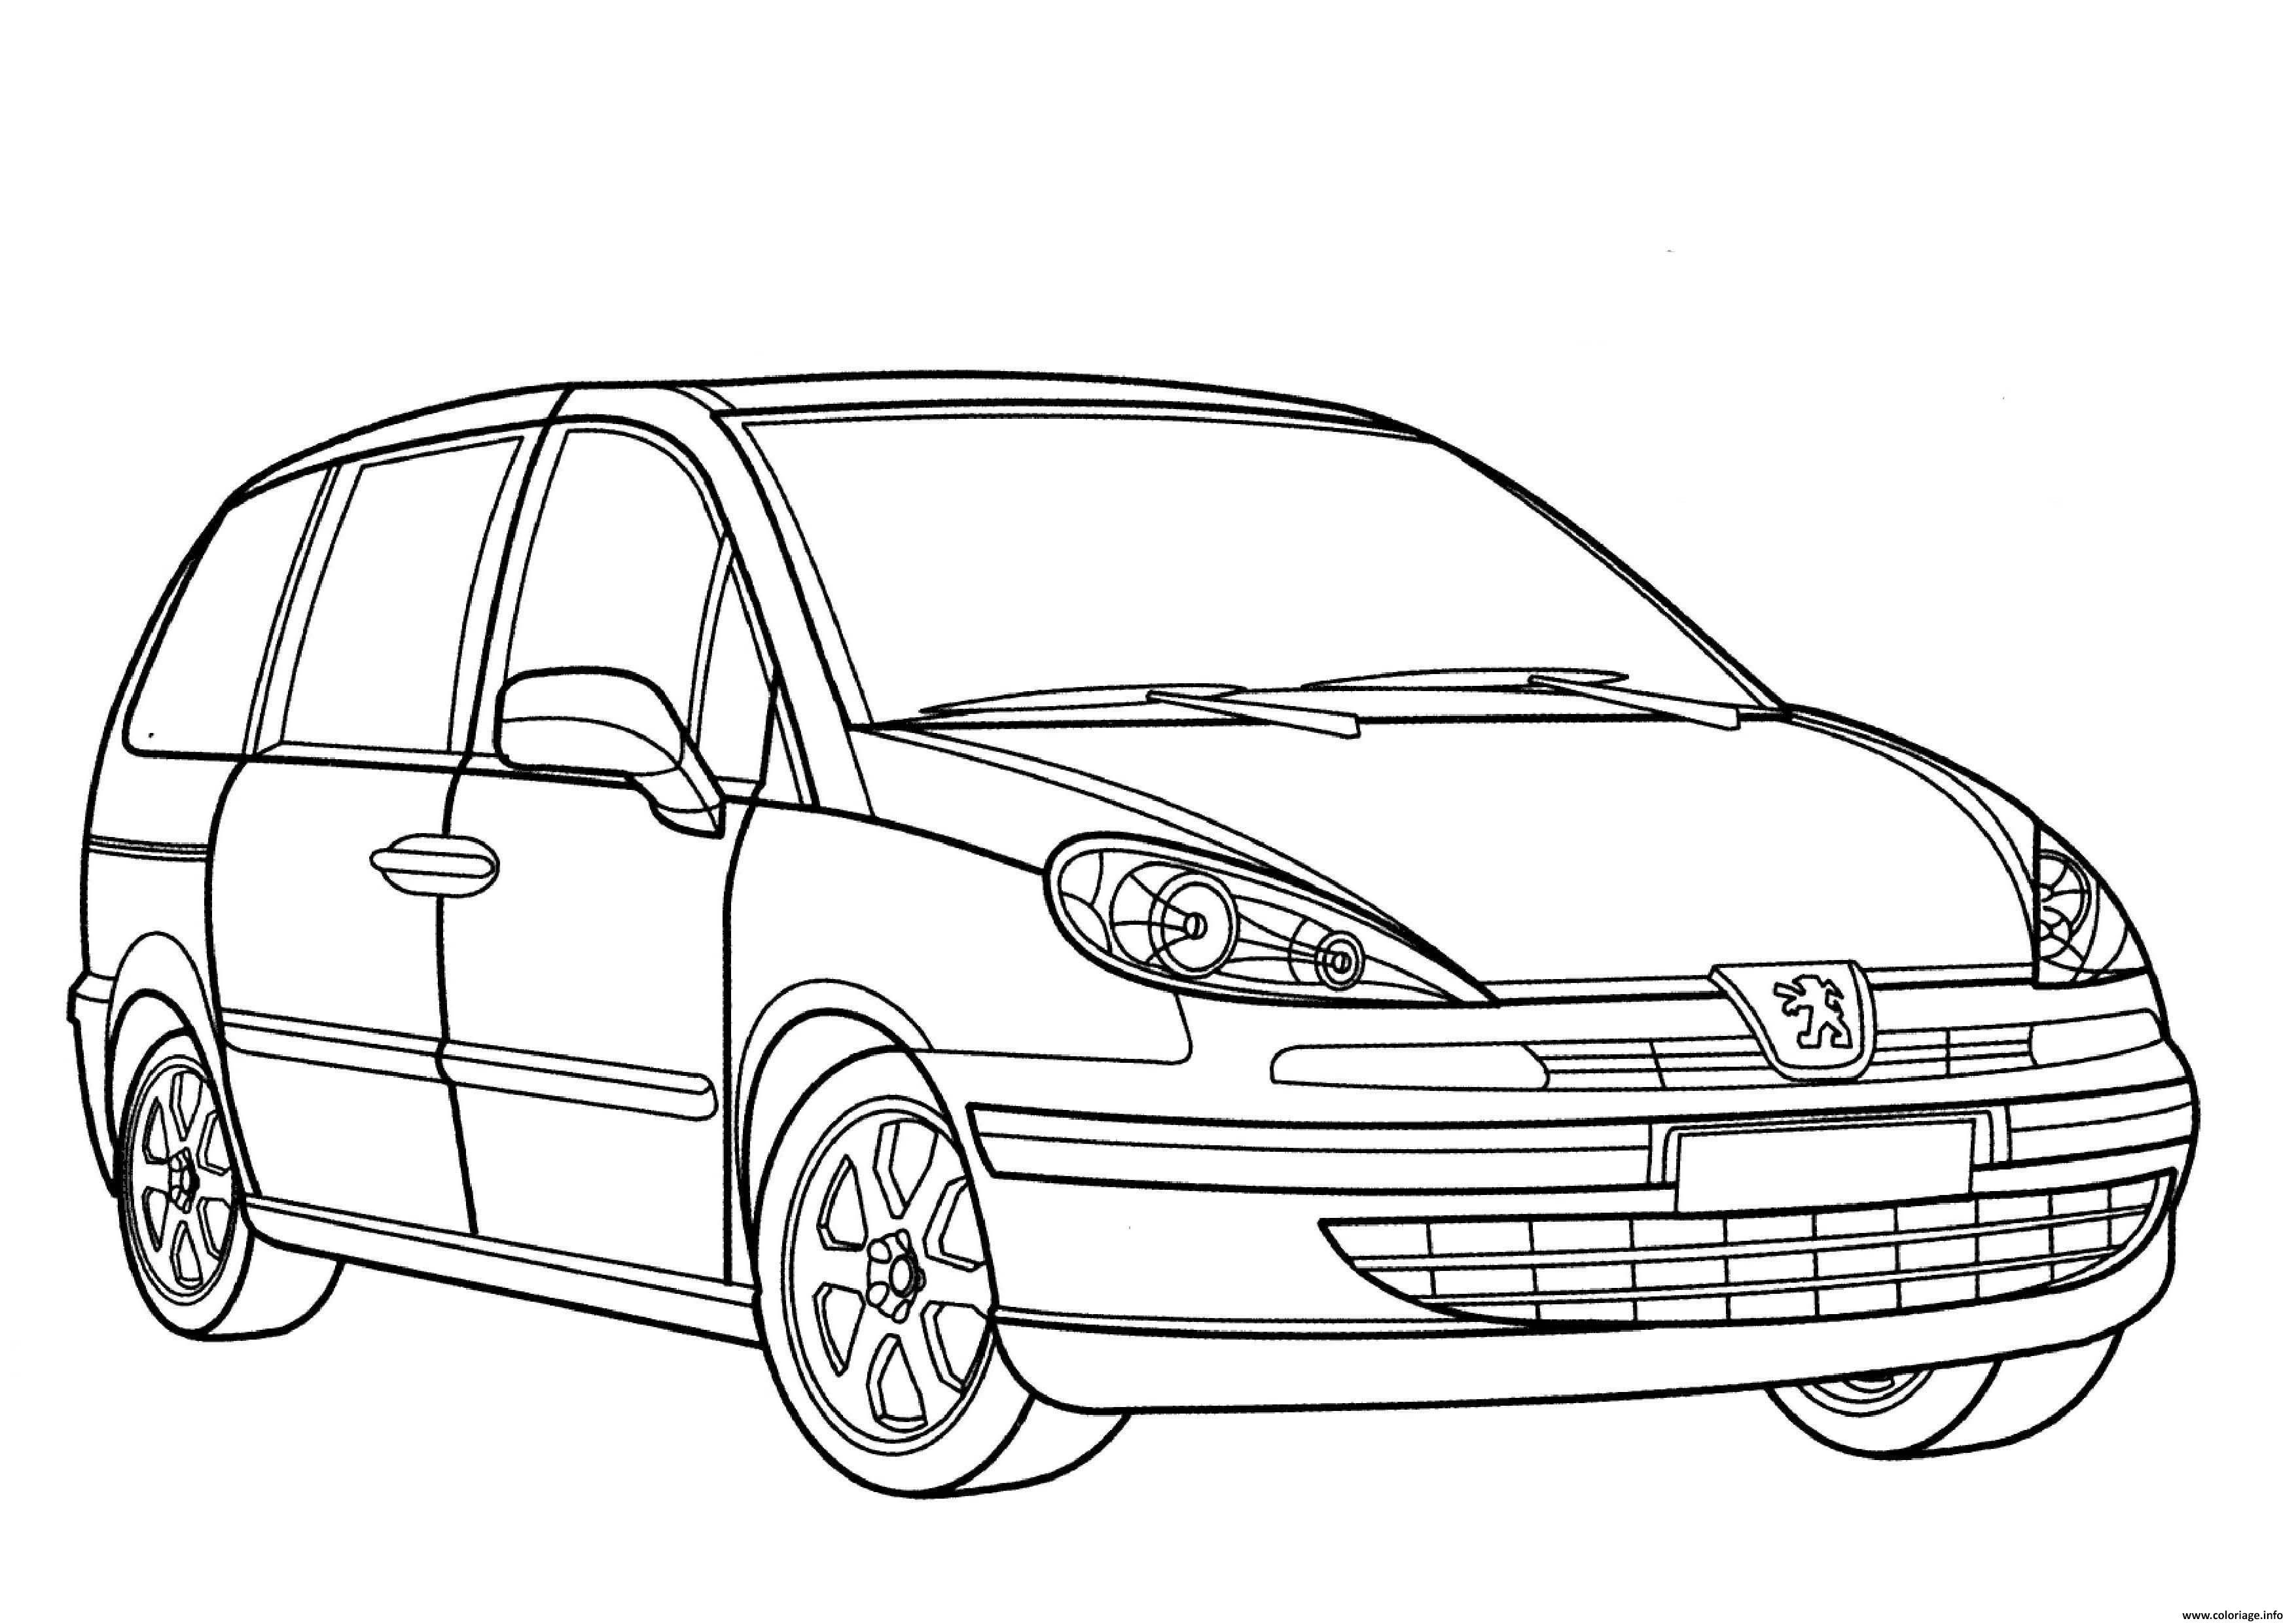 Coloriage Voiture Peugeot 807 Dessin